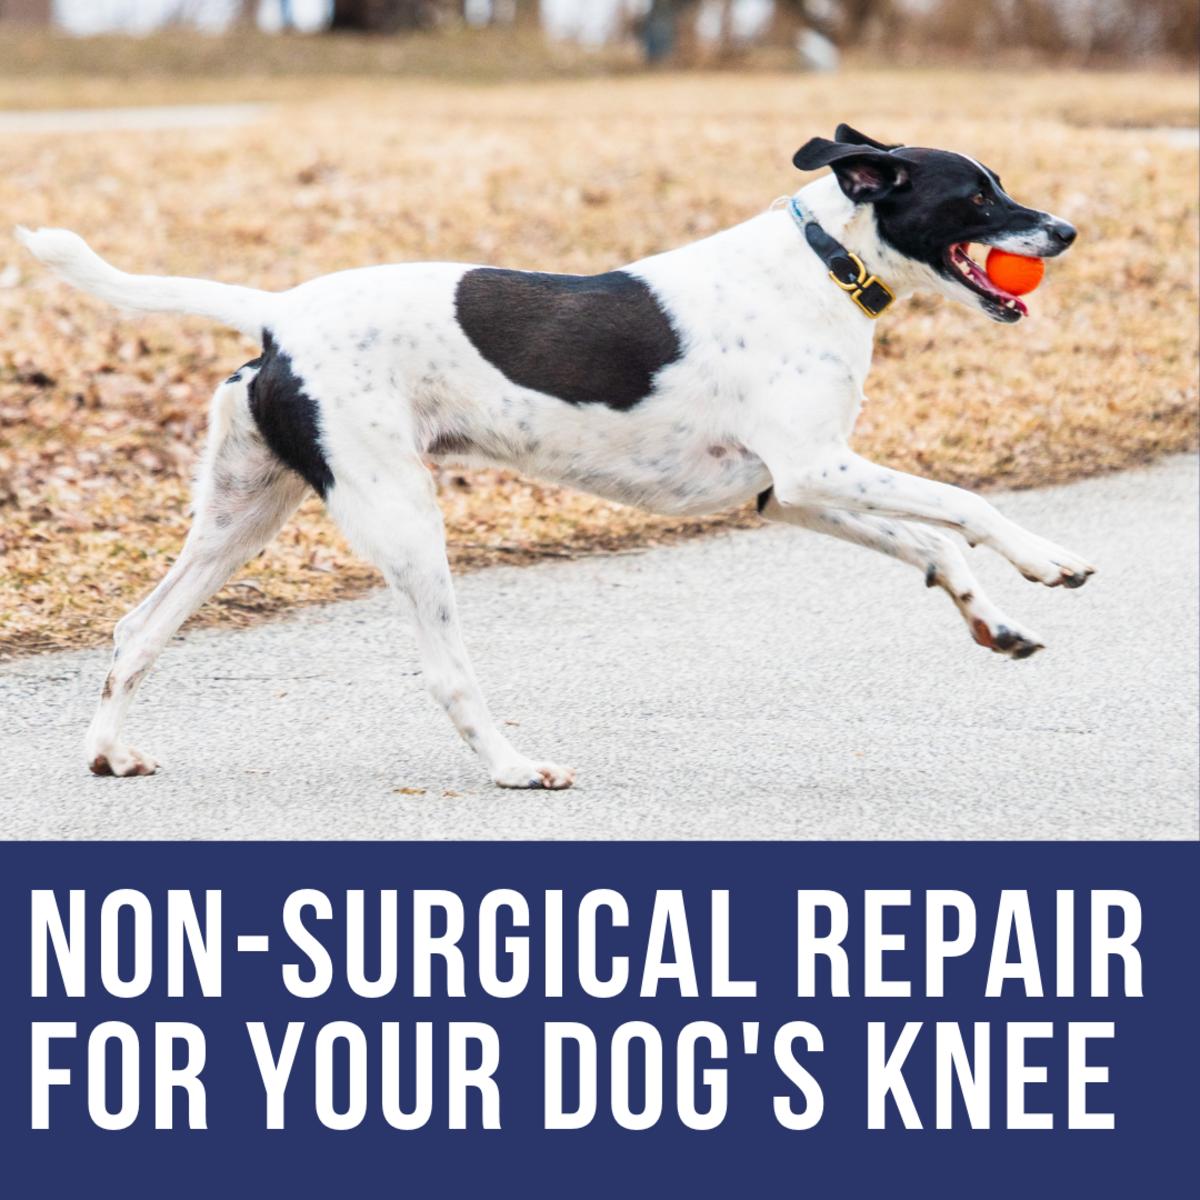 Non-Surgical Repair